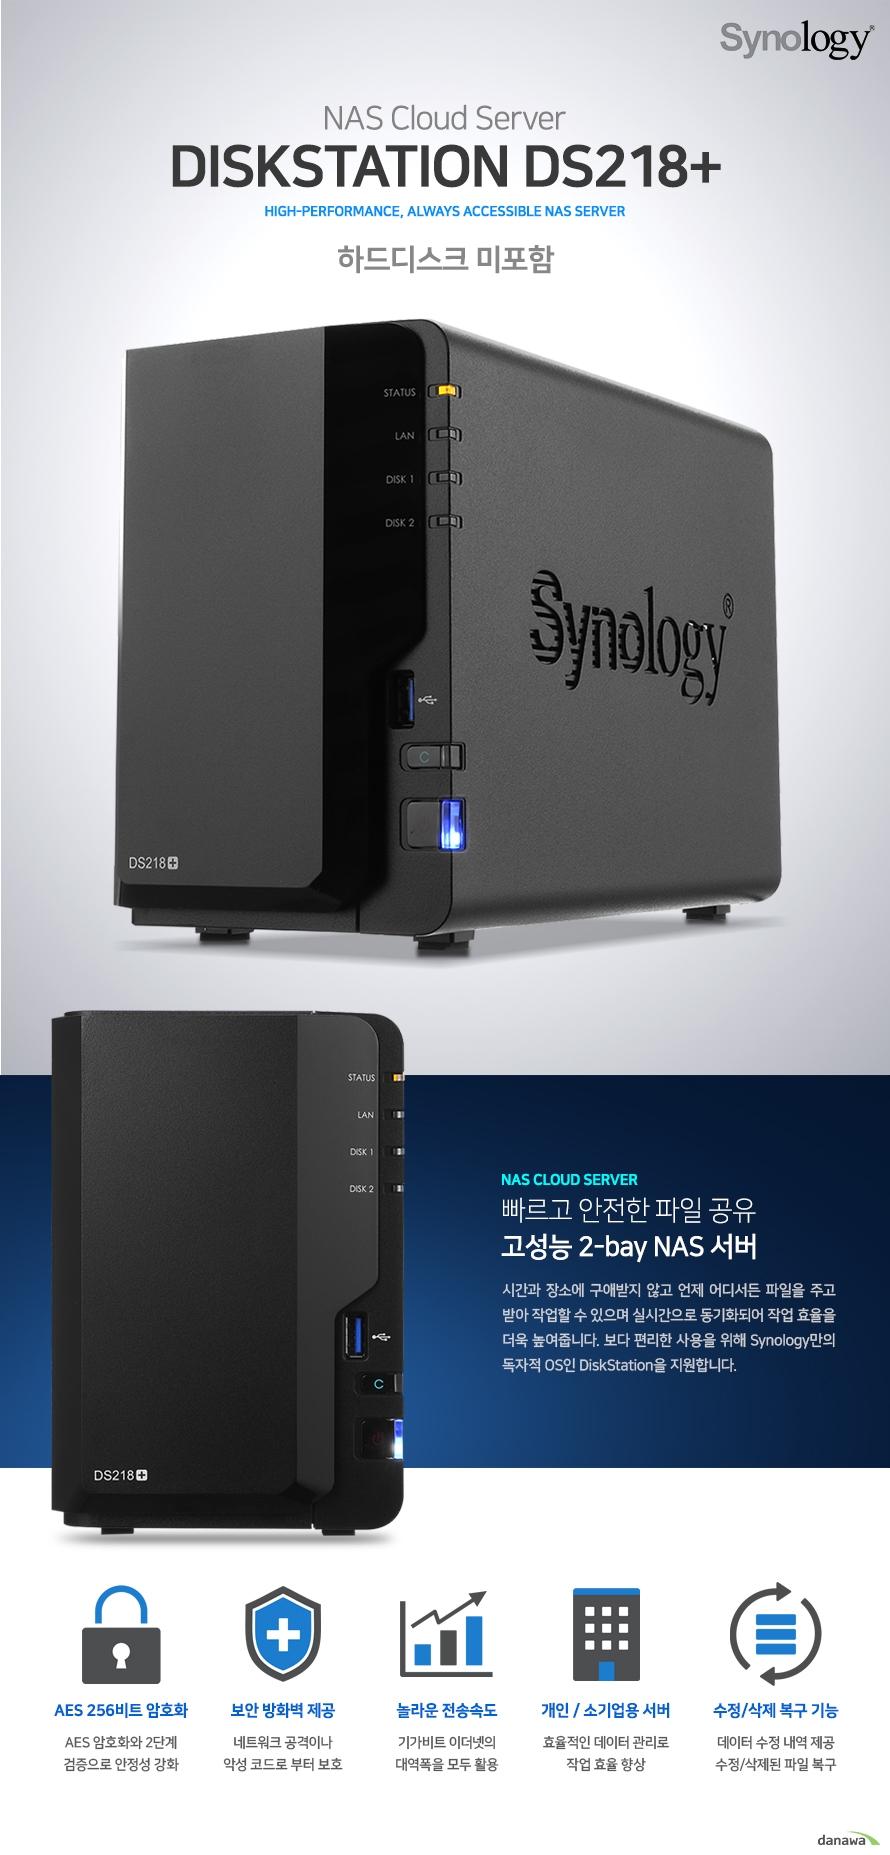 DISKSTATION DS218+. 빠르고 안전한 파일 공유 고성능 2bay NAS 서버 시간과 장소에 구애받지 않고 언제 어디서든 파일을 주고받아 작업할 수 있으며 실시간으로 동기화되어 작업 효율을 더욱 높여줍니다. 보다 편리한 사용을 위해 synology만의 독자적인 OS인 DiskStation을 지원합니다. AES256비트 암호화 보안 방화벽 제공 놀라운 전송속도 개인/소기업용 서버 수정/삭제 복구 기능